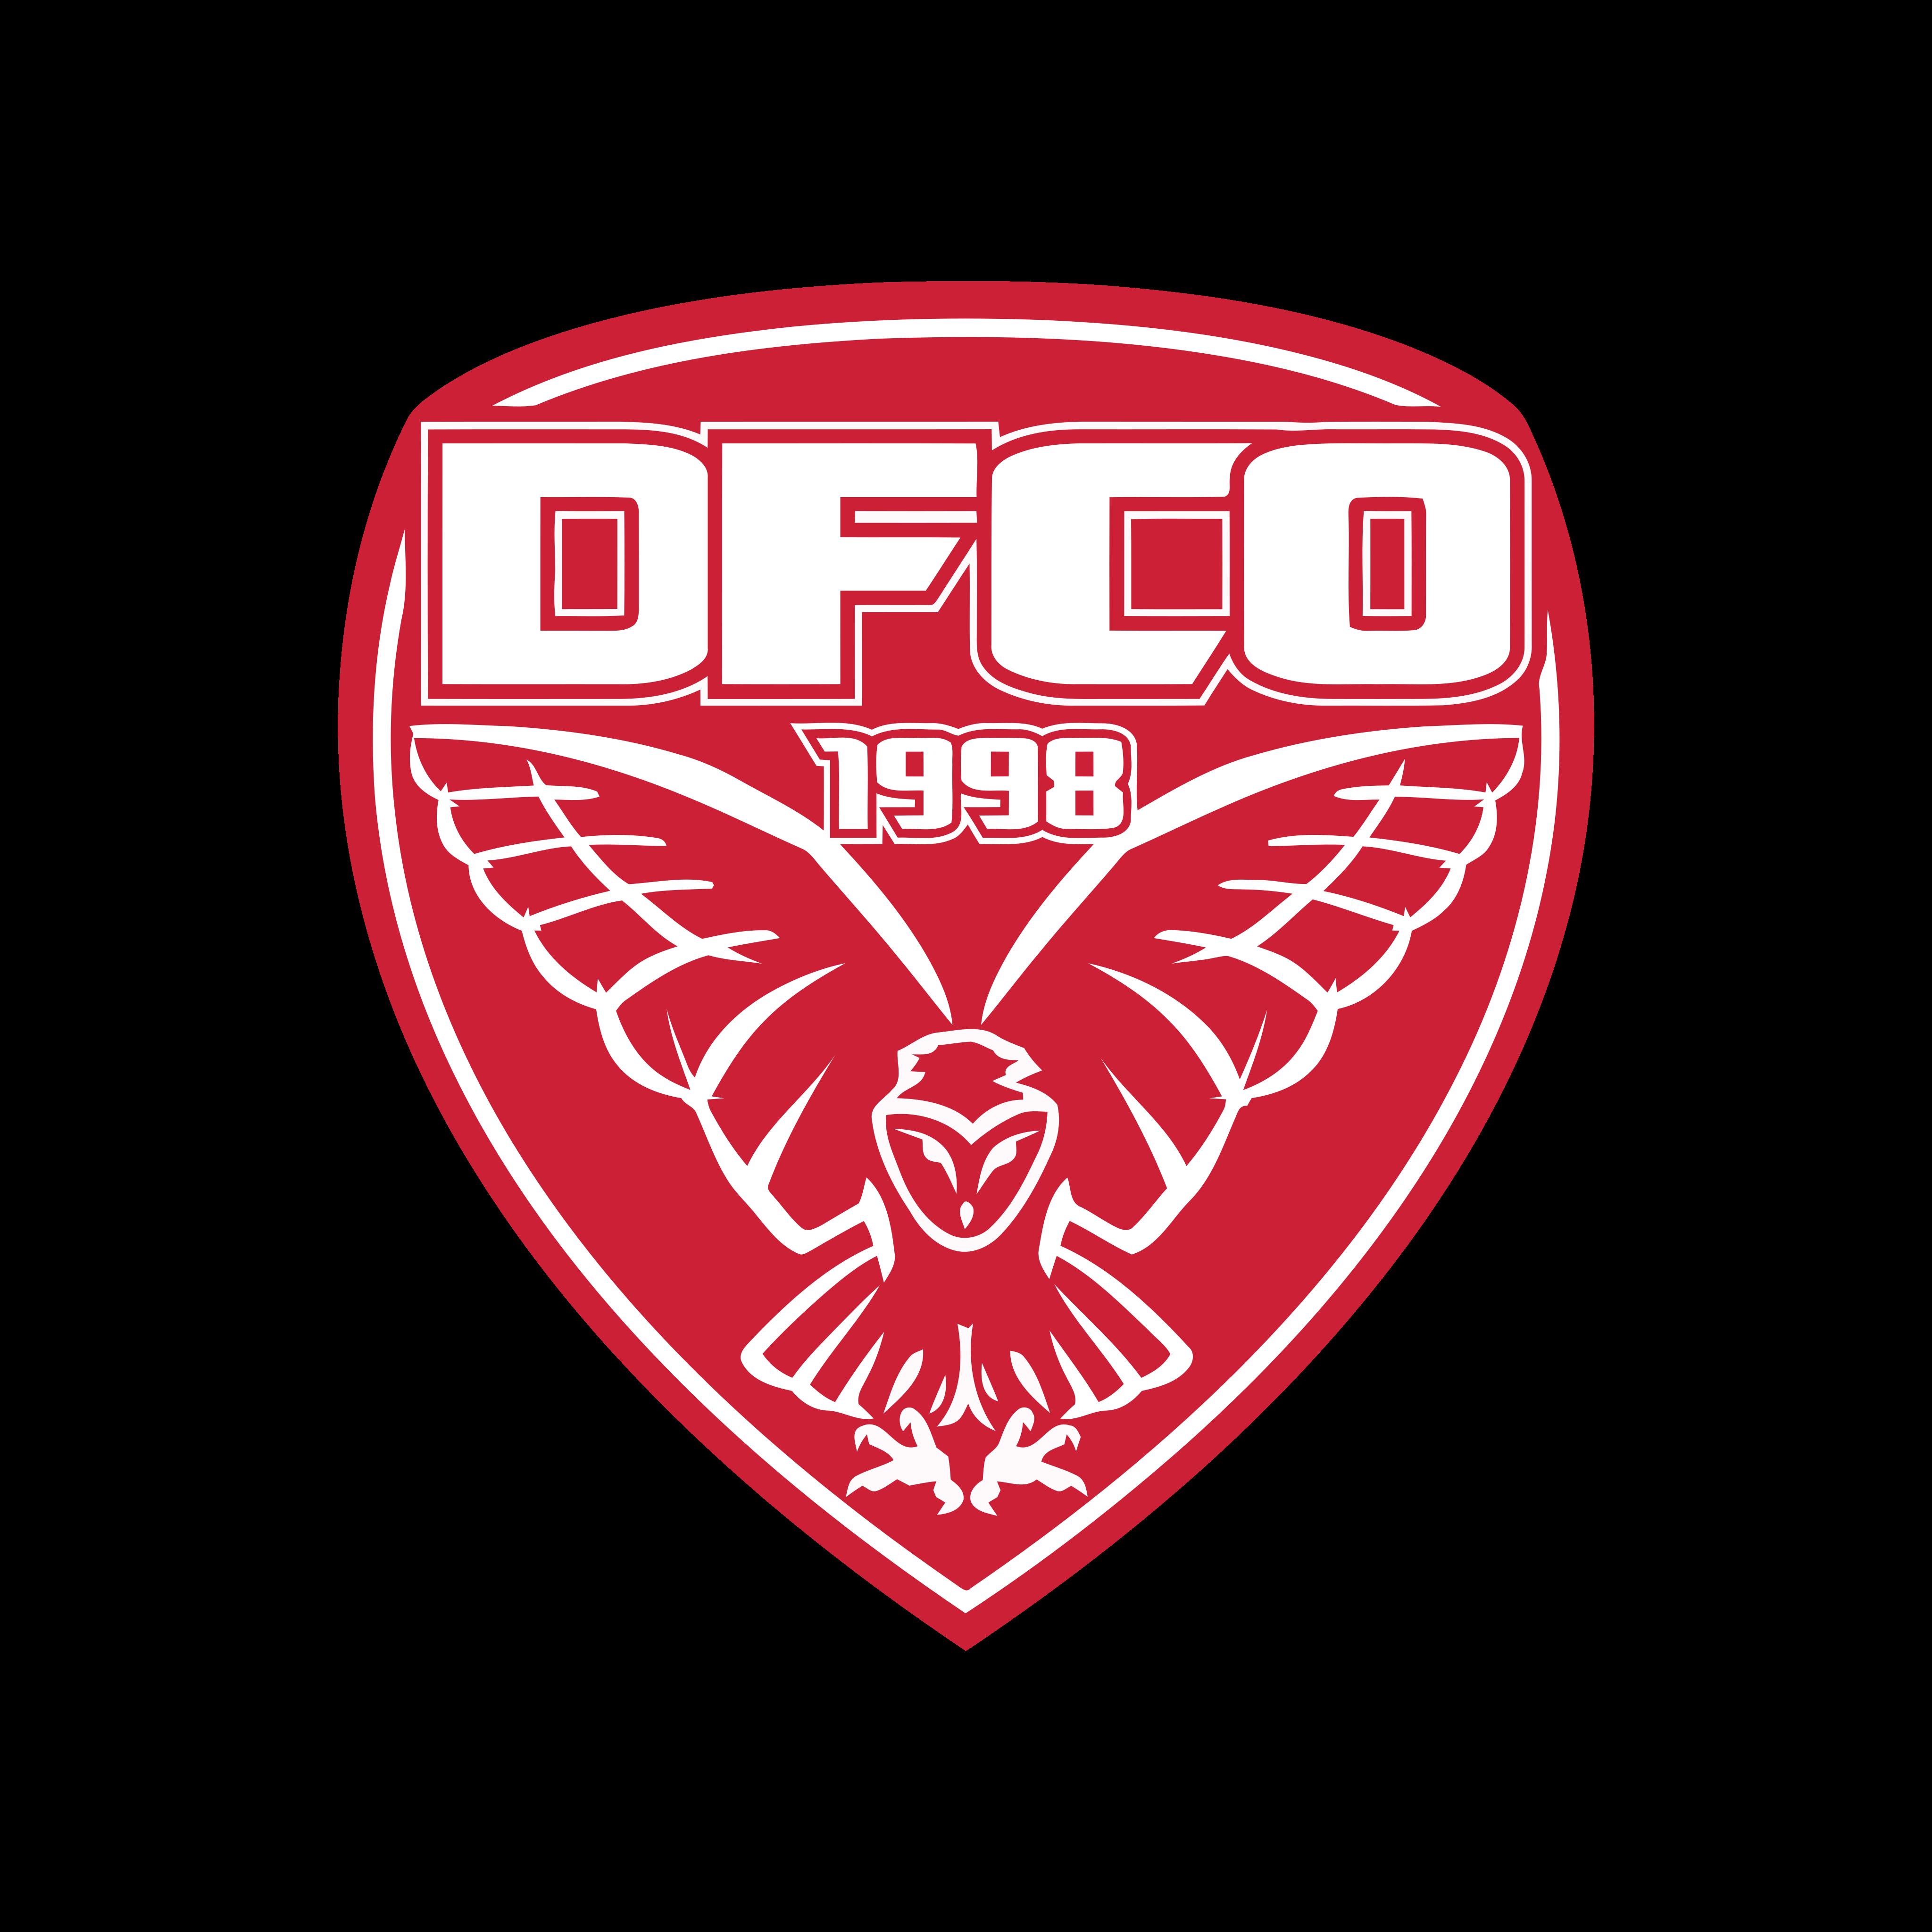 dijon fco logo 0 - Dijon FCO Logo